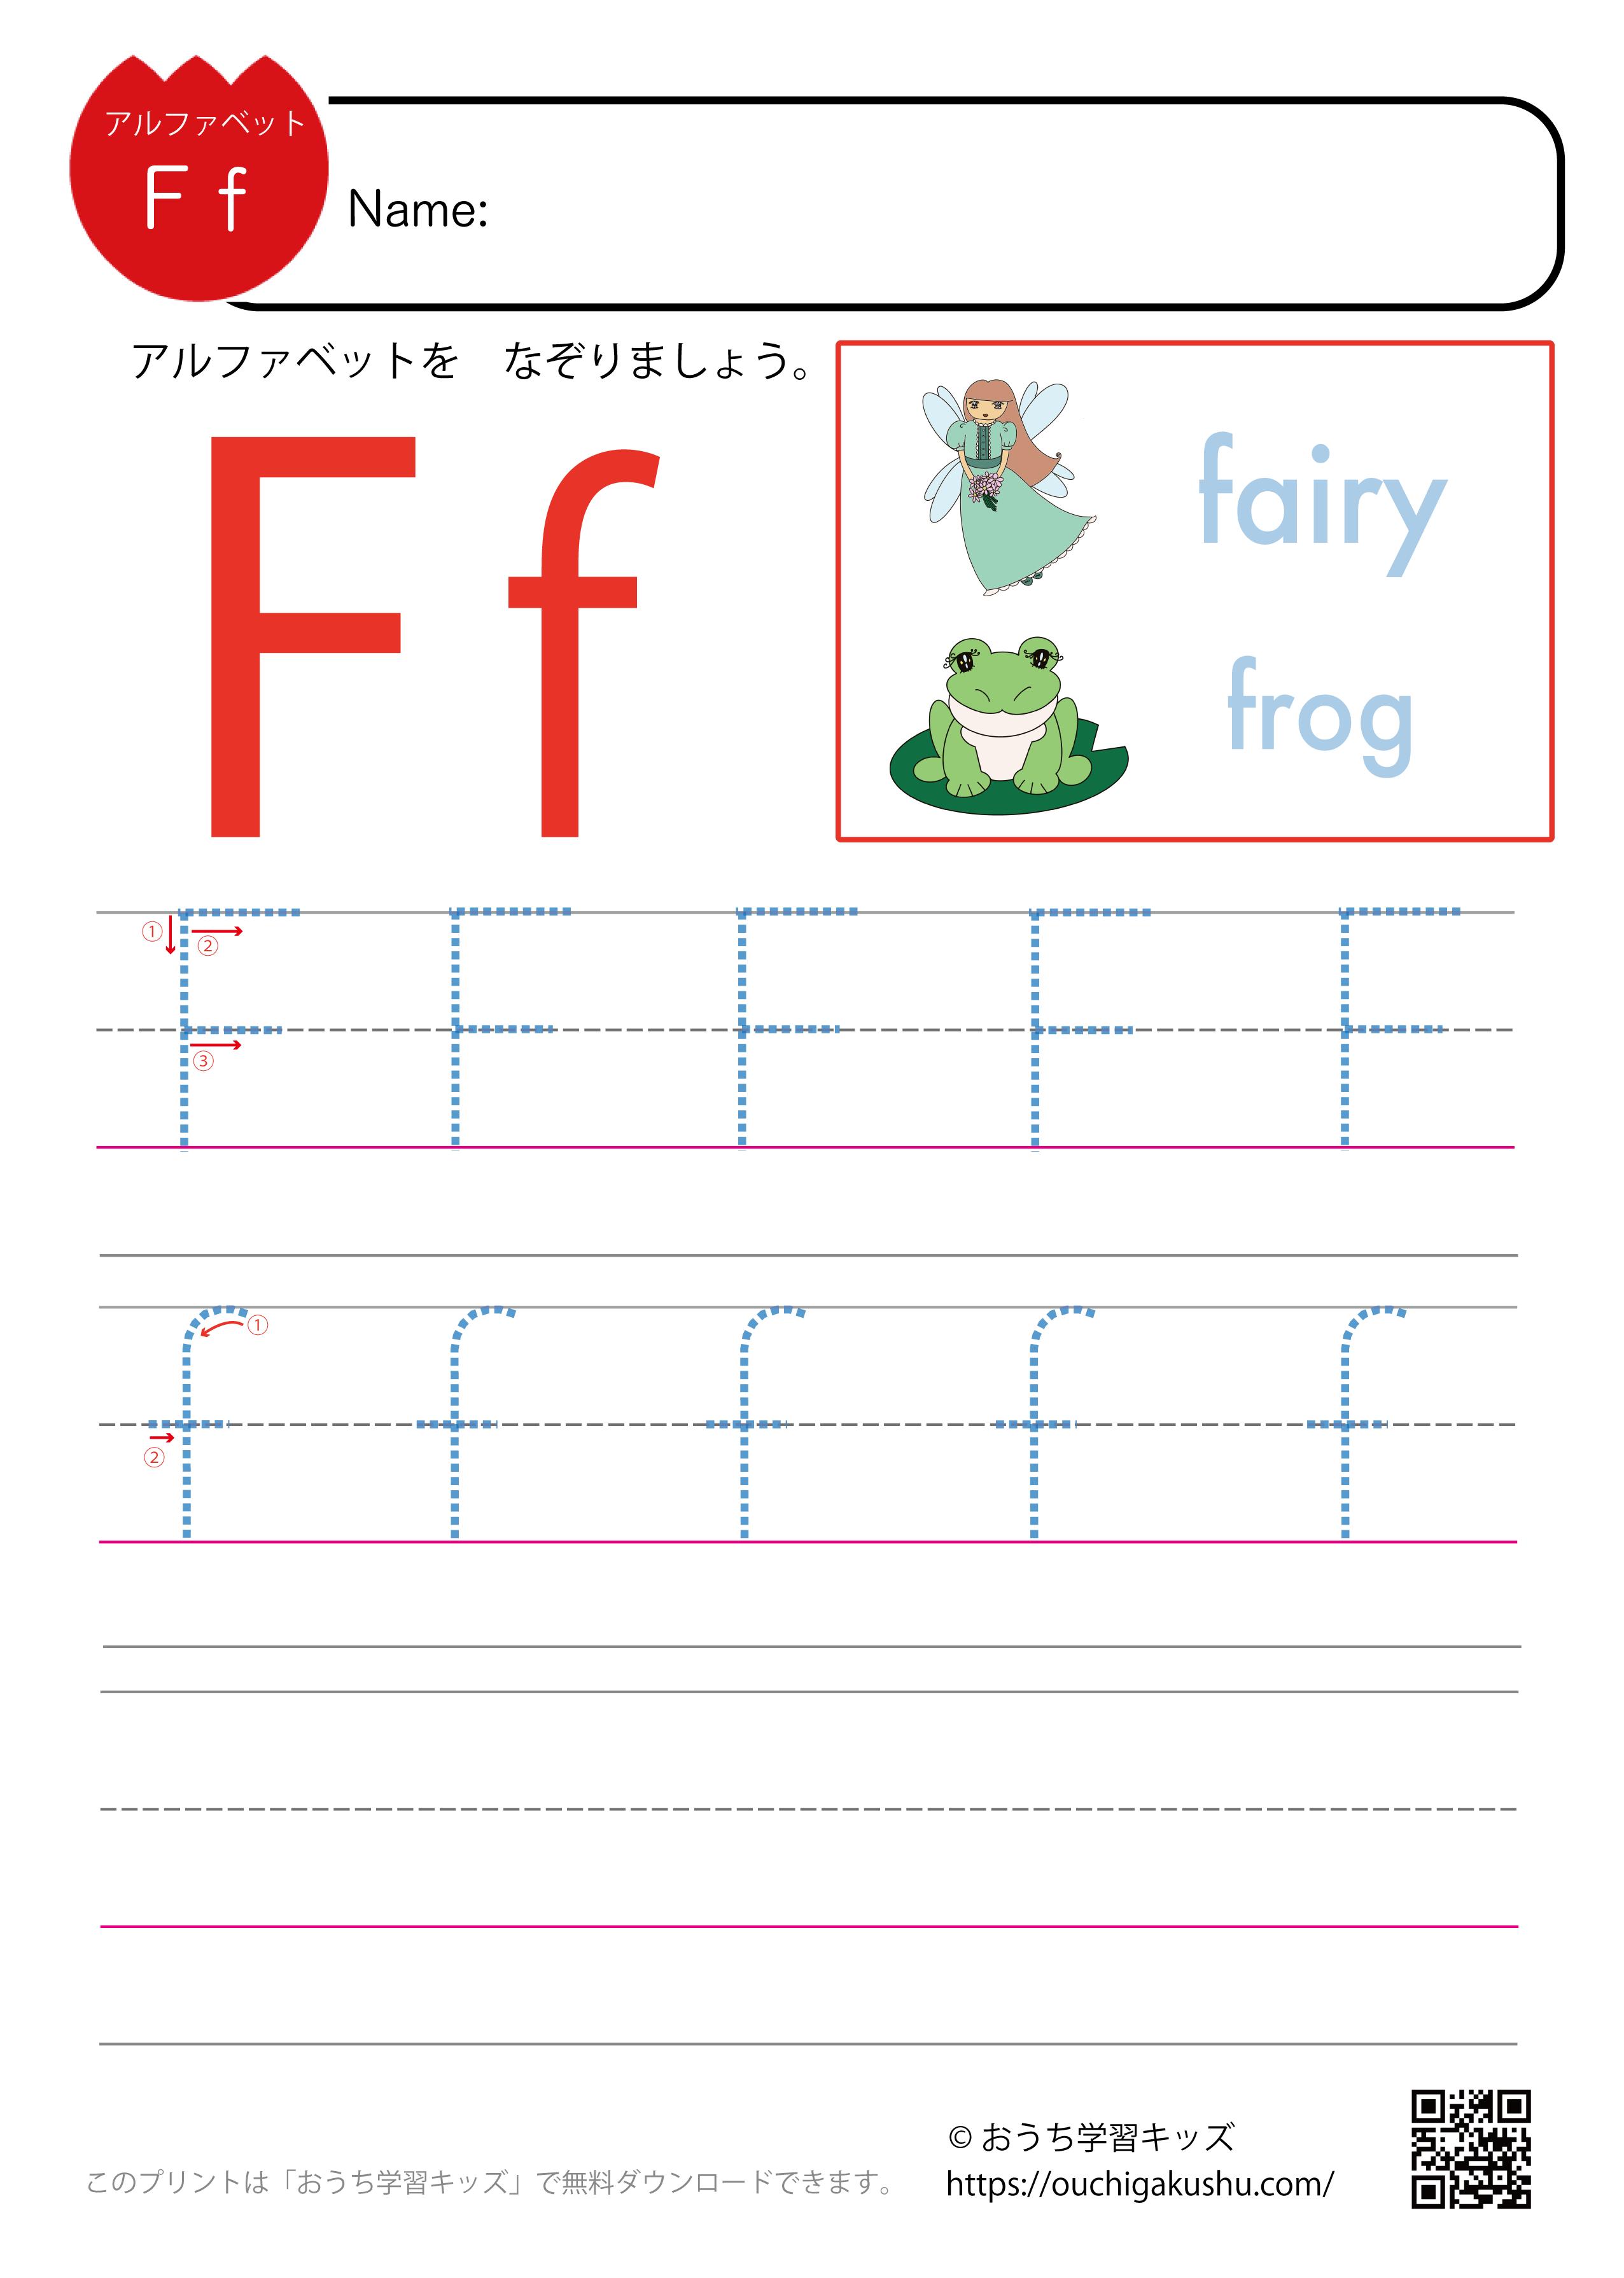 アルファベット練習プリント「F」